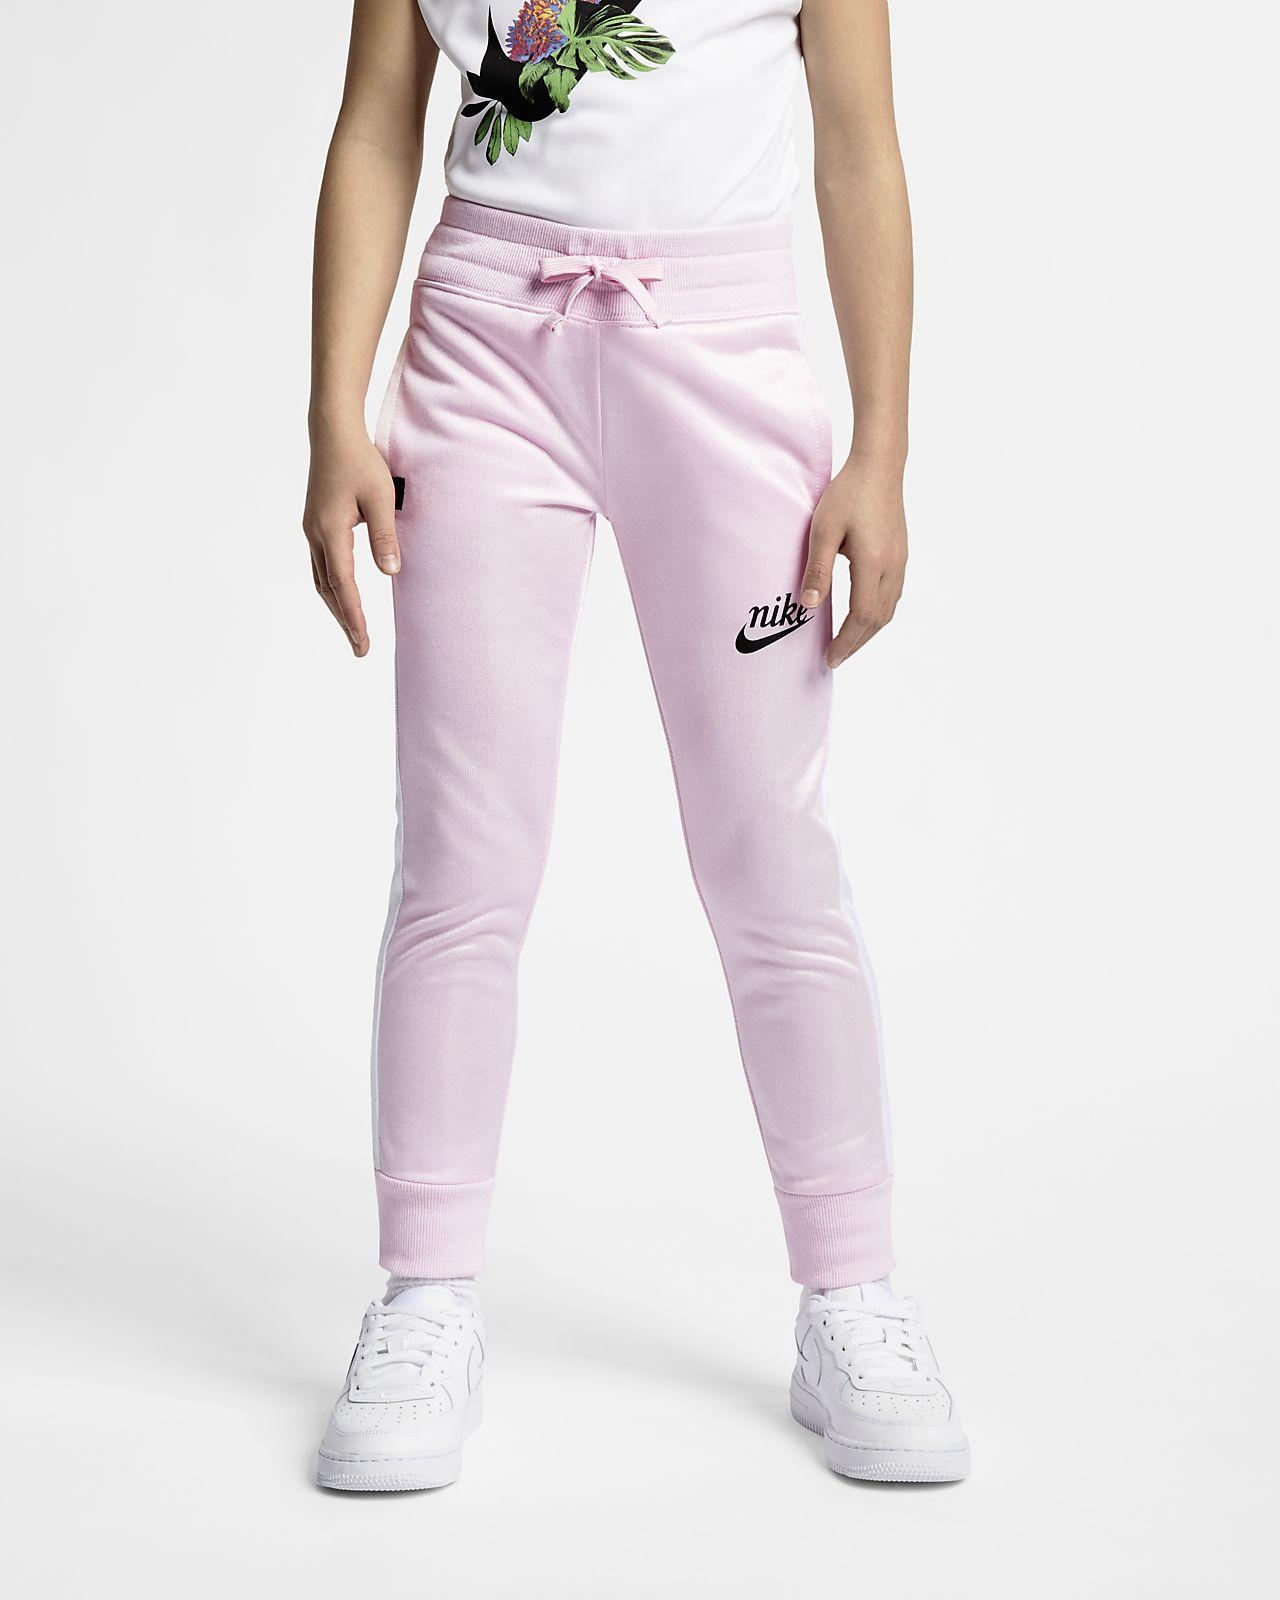 Enfant Jeune Pantalon Nike Sportswear Pour Fr Ynqq8RTU